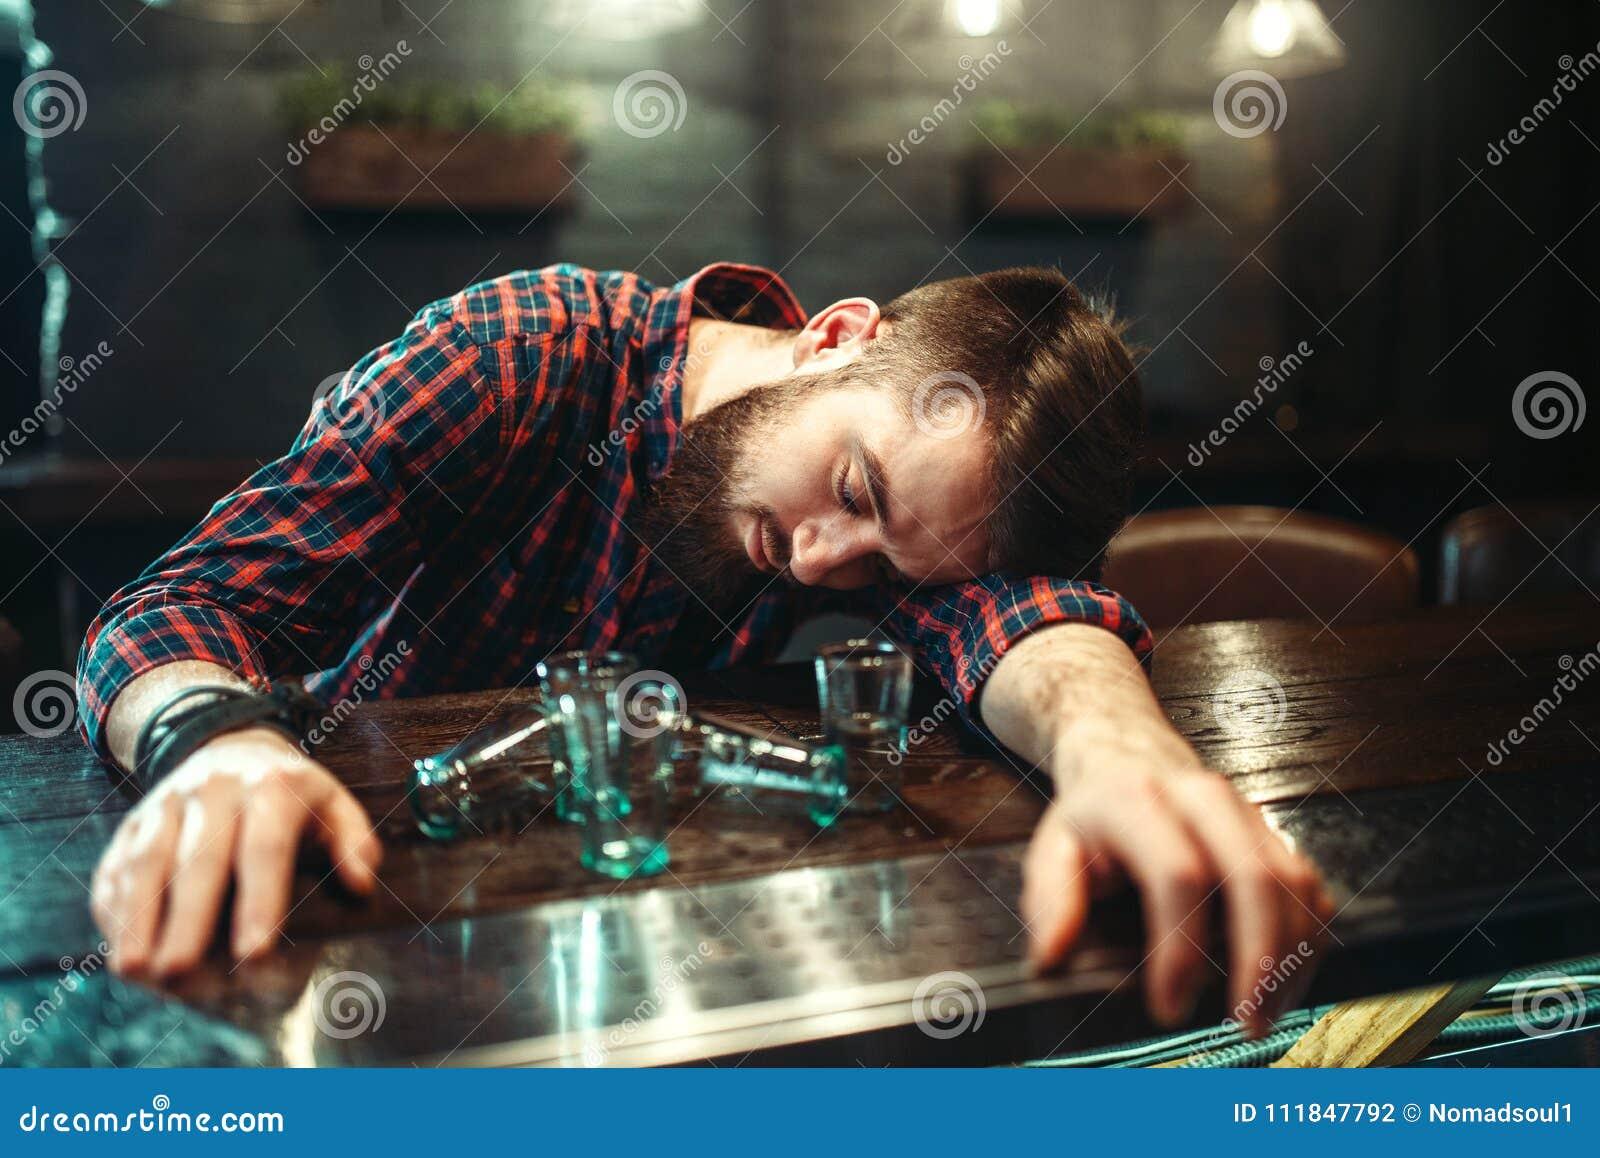 El hombre borracho duerme en el contador de la barra, adicción al alcohol